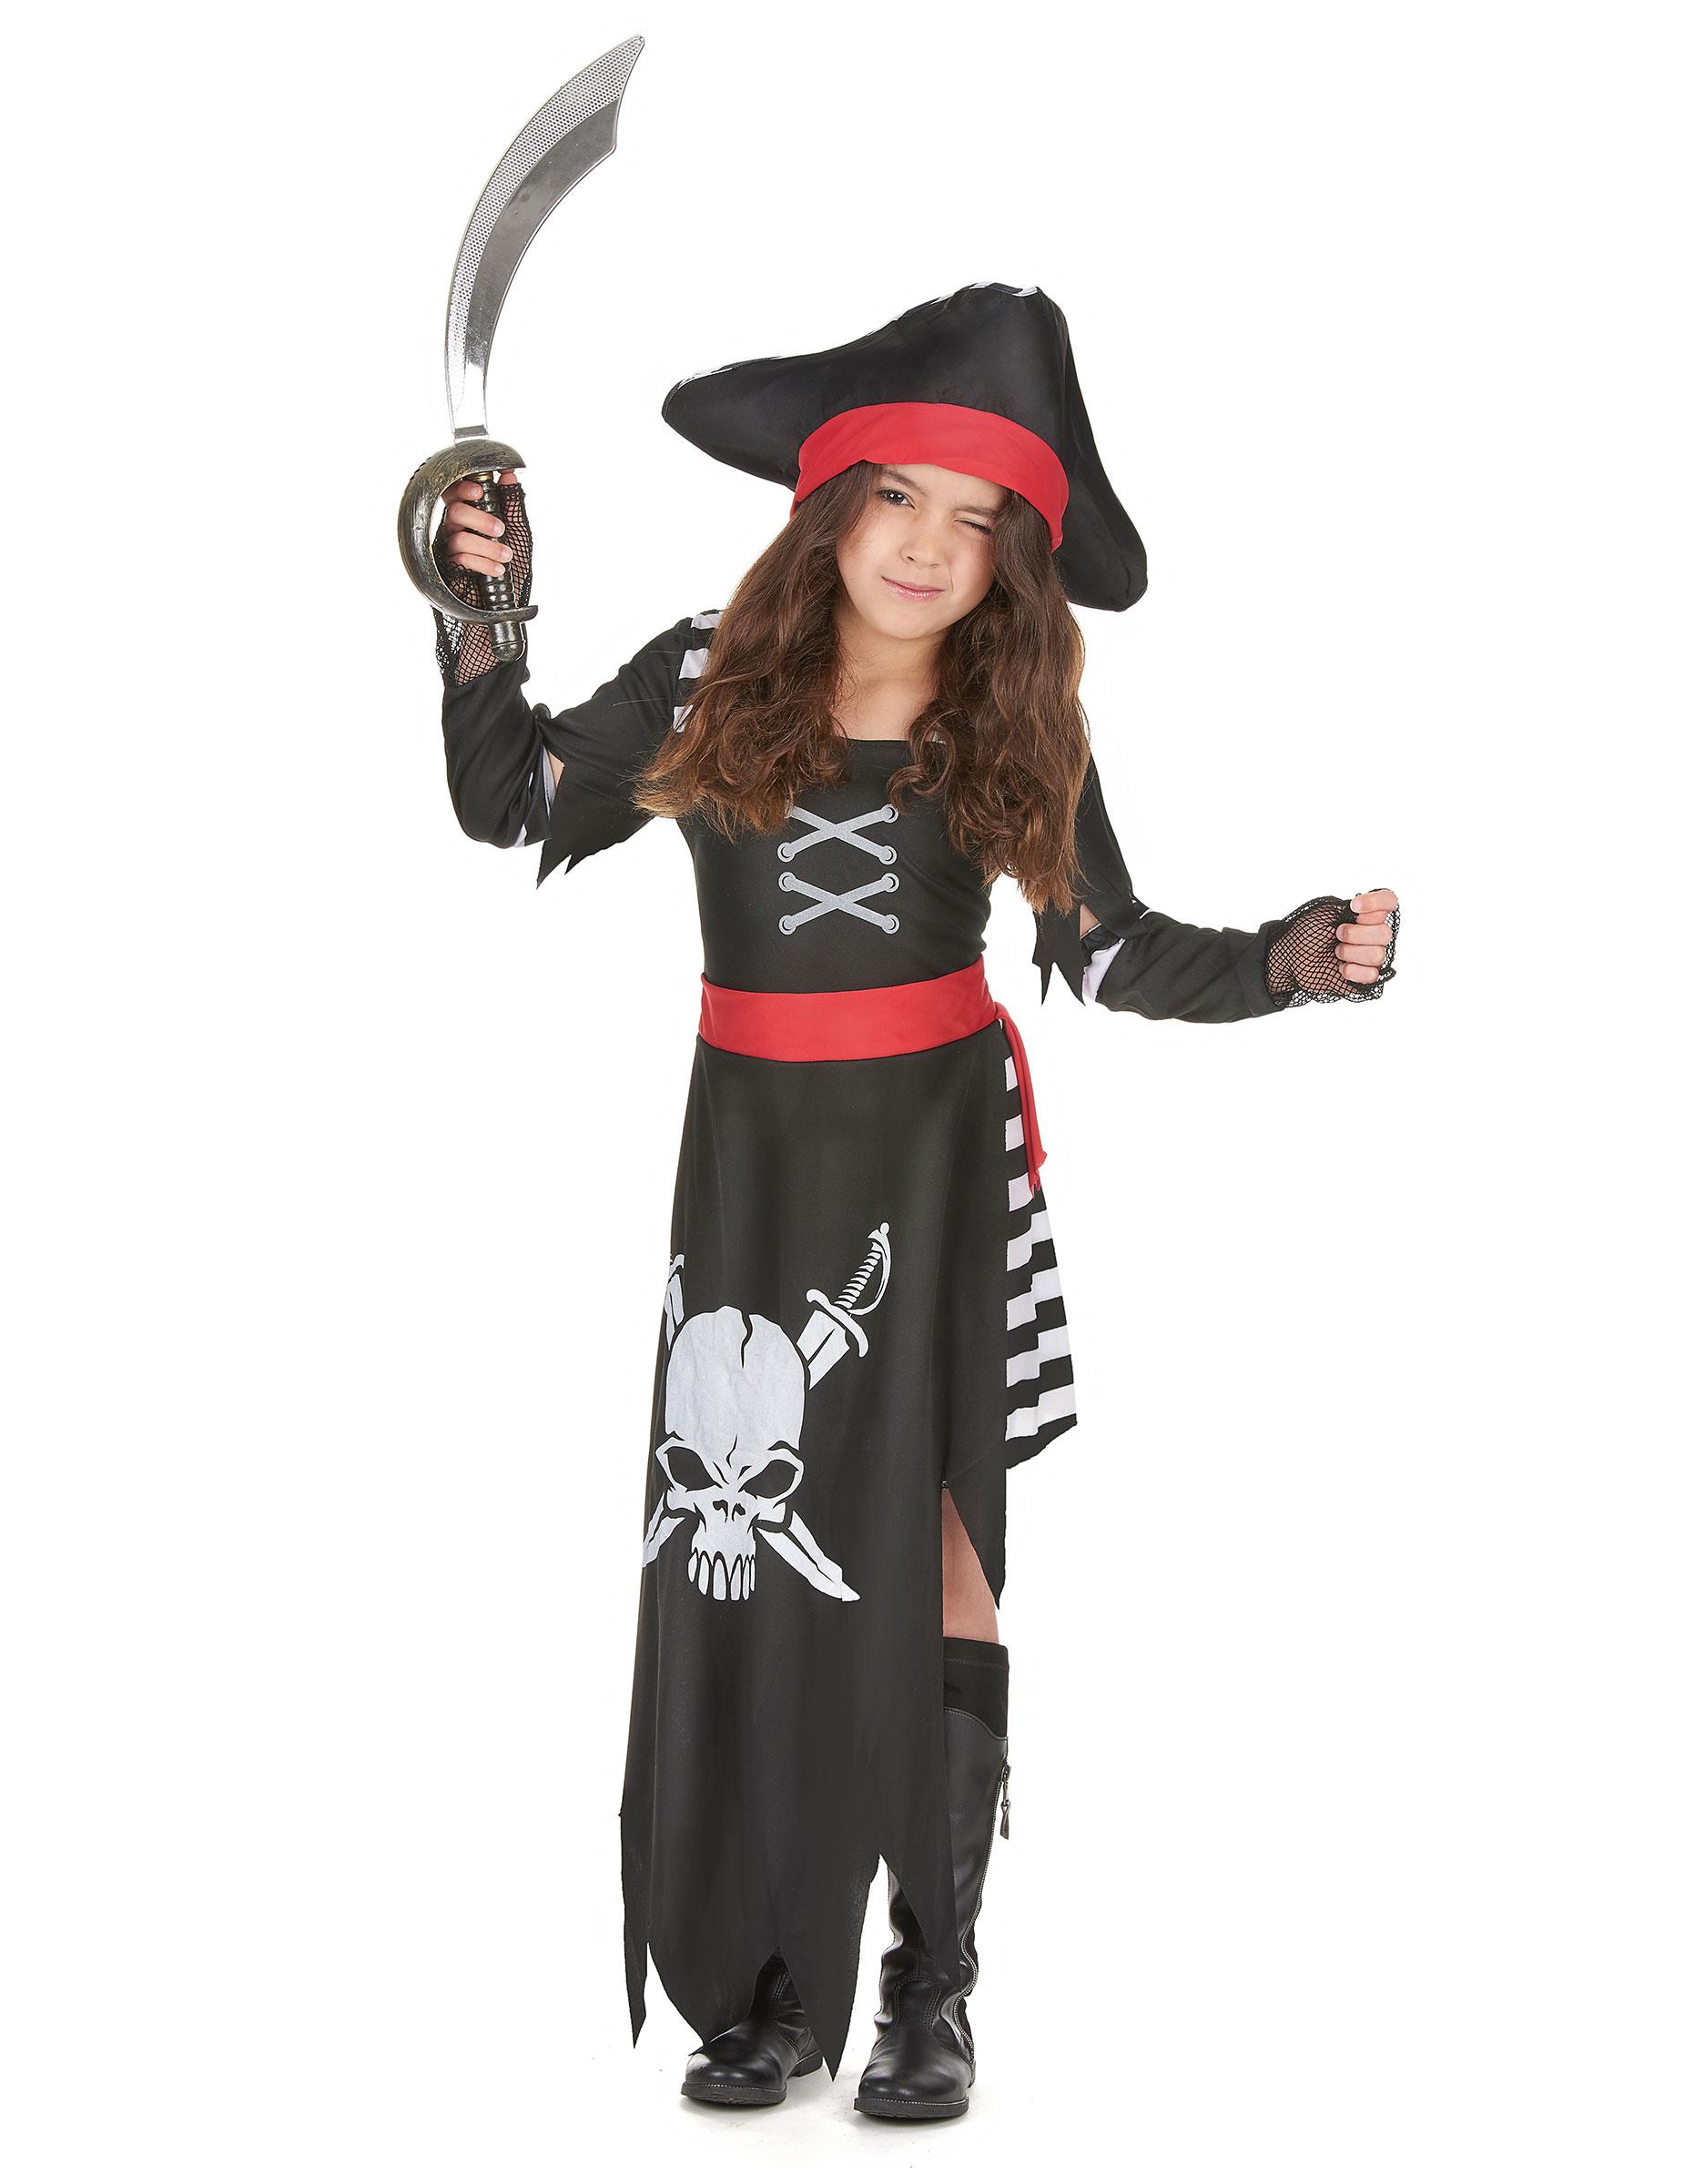 Ben noto Costume pirata bambina: Costumi bambini,e vestiti di carnevale  NH29